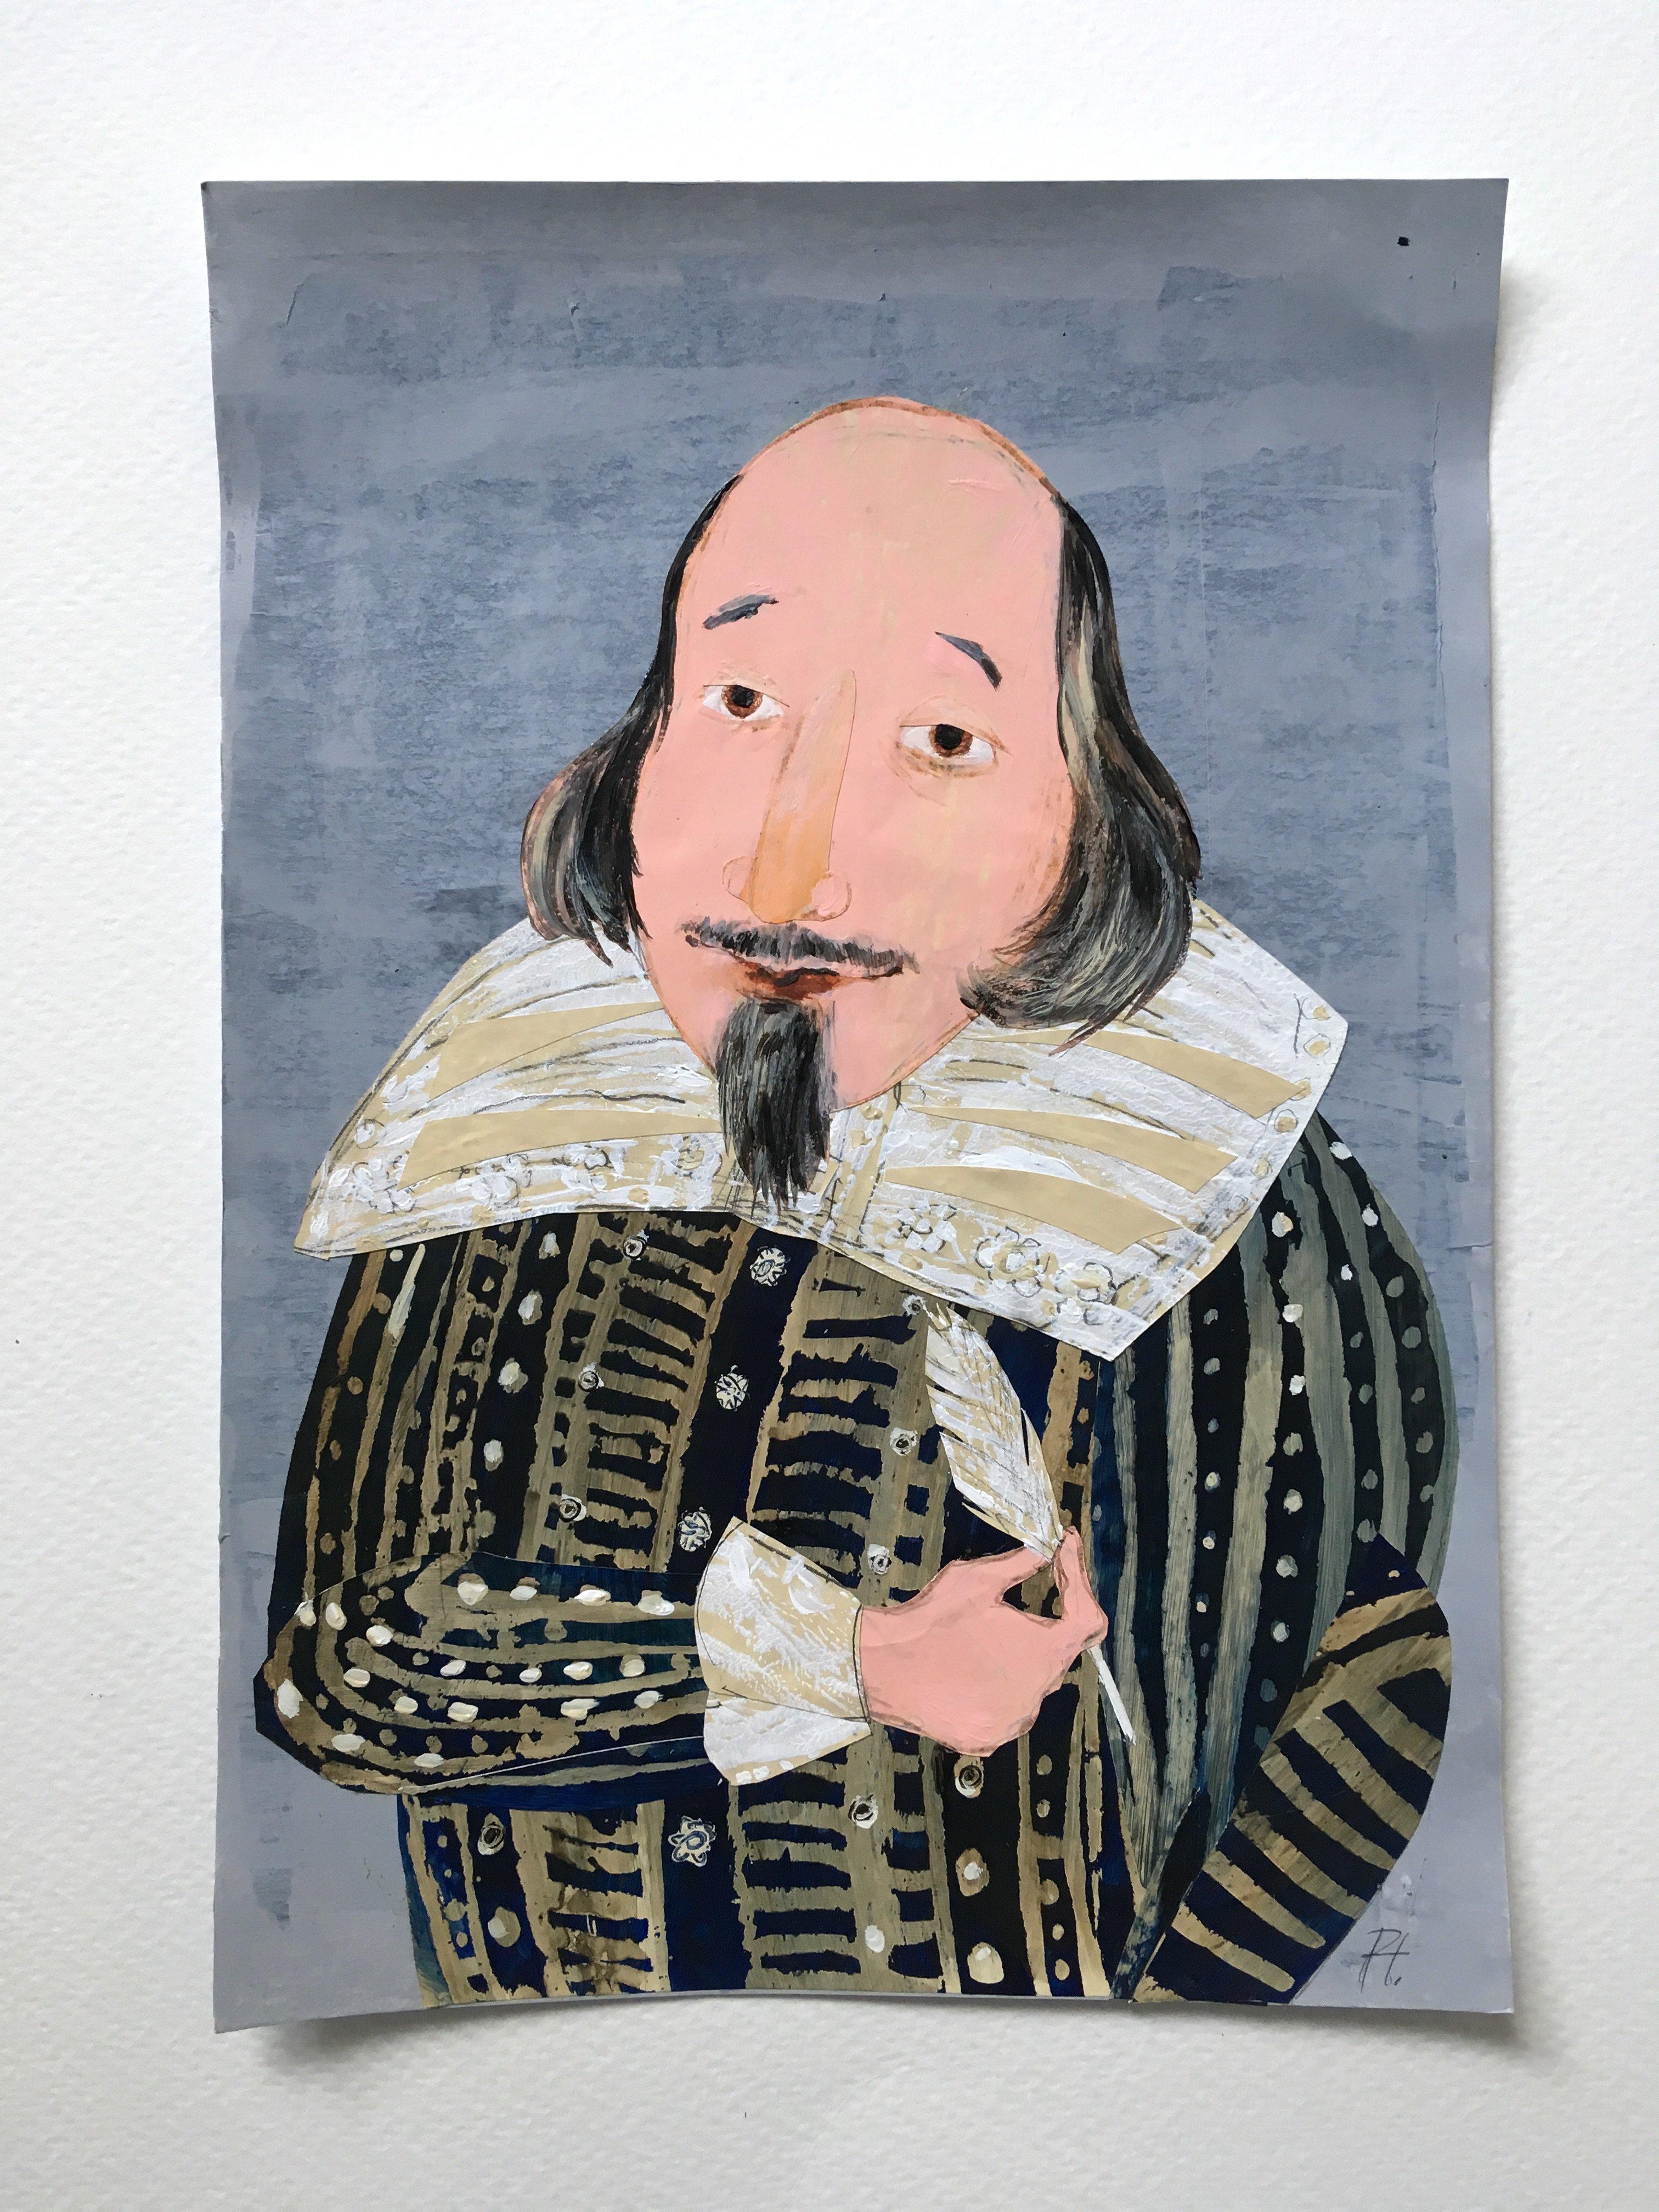 Shakespeare portrait by Petr Horacek